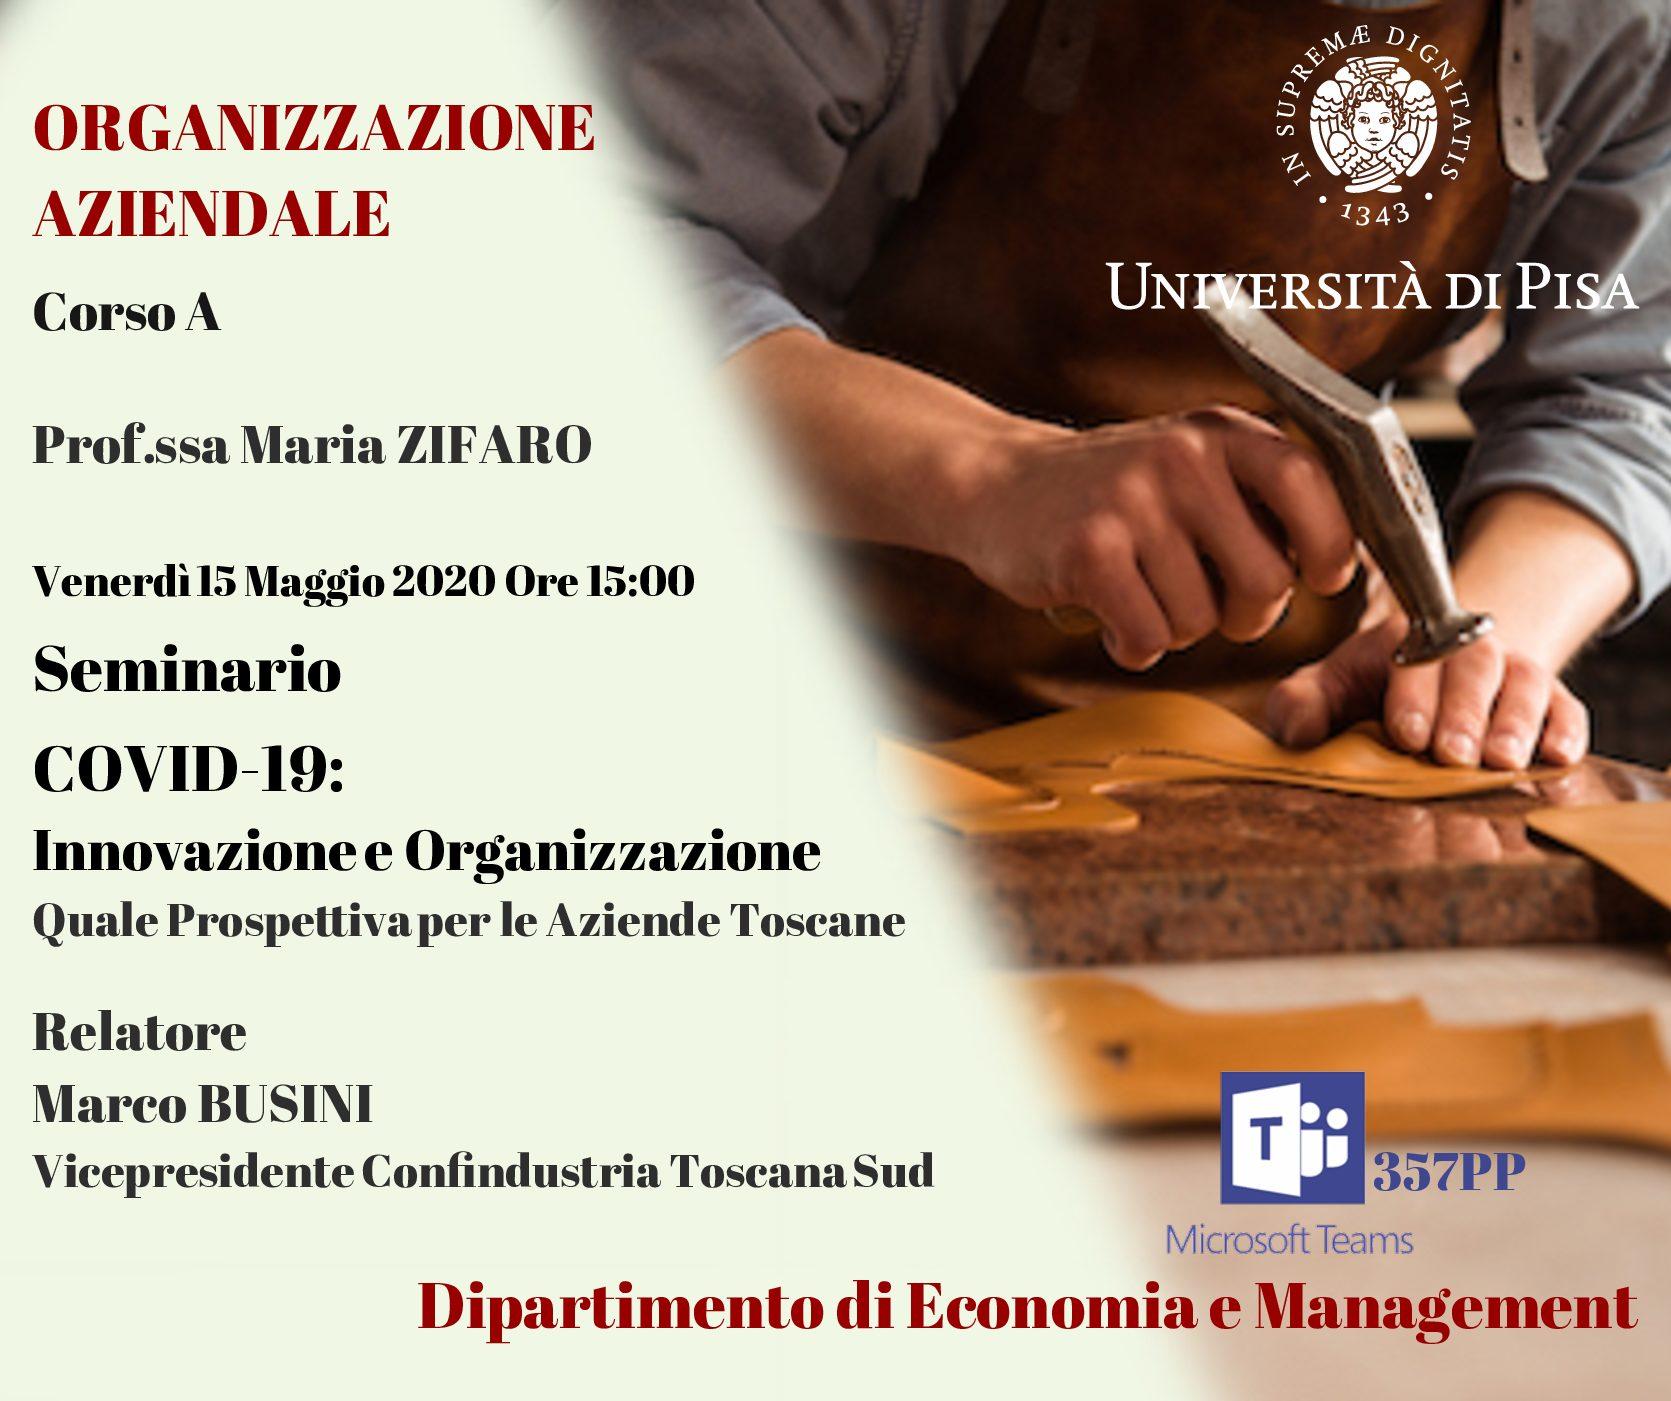 Seminario COVID-19: Innovazione e organizzazione quale prospettiva per le Aziende Toscane – Relatore Marco Busini Vicepresidente Confindustria Toscana Sud